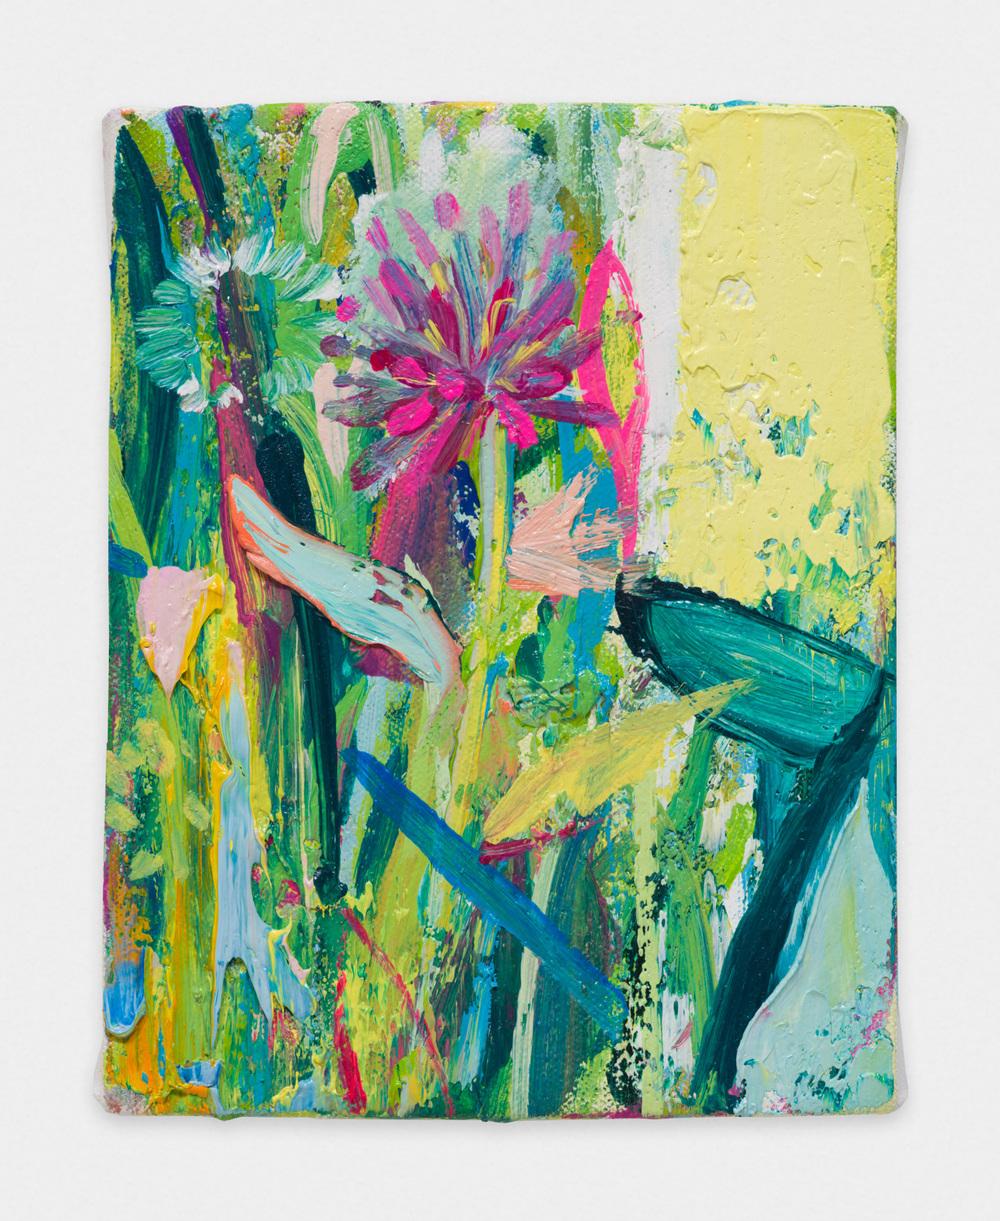 Miki Mochizuka Fireworks 2015 - 2016 Oil on canvas 7.09 x 5.51 in (18.01h x 14w cm) MikiM012